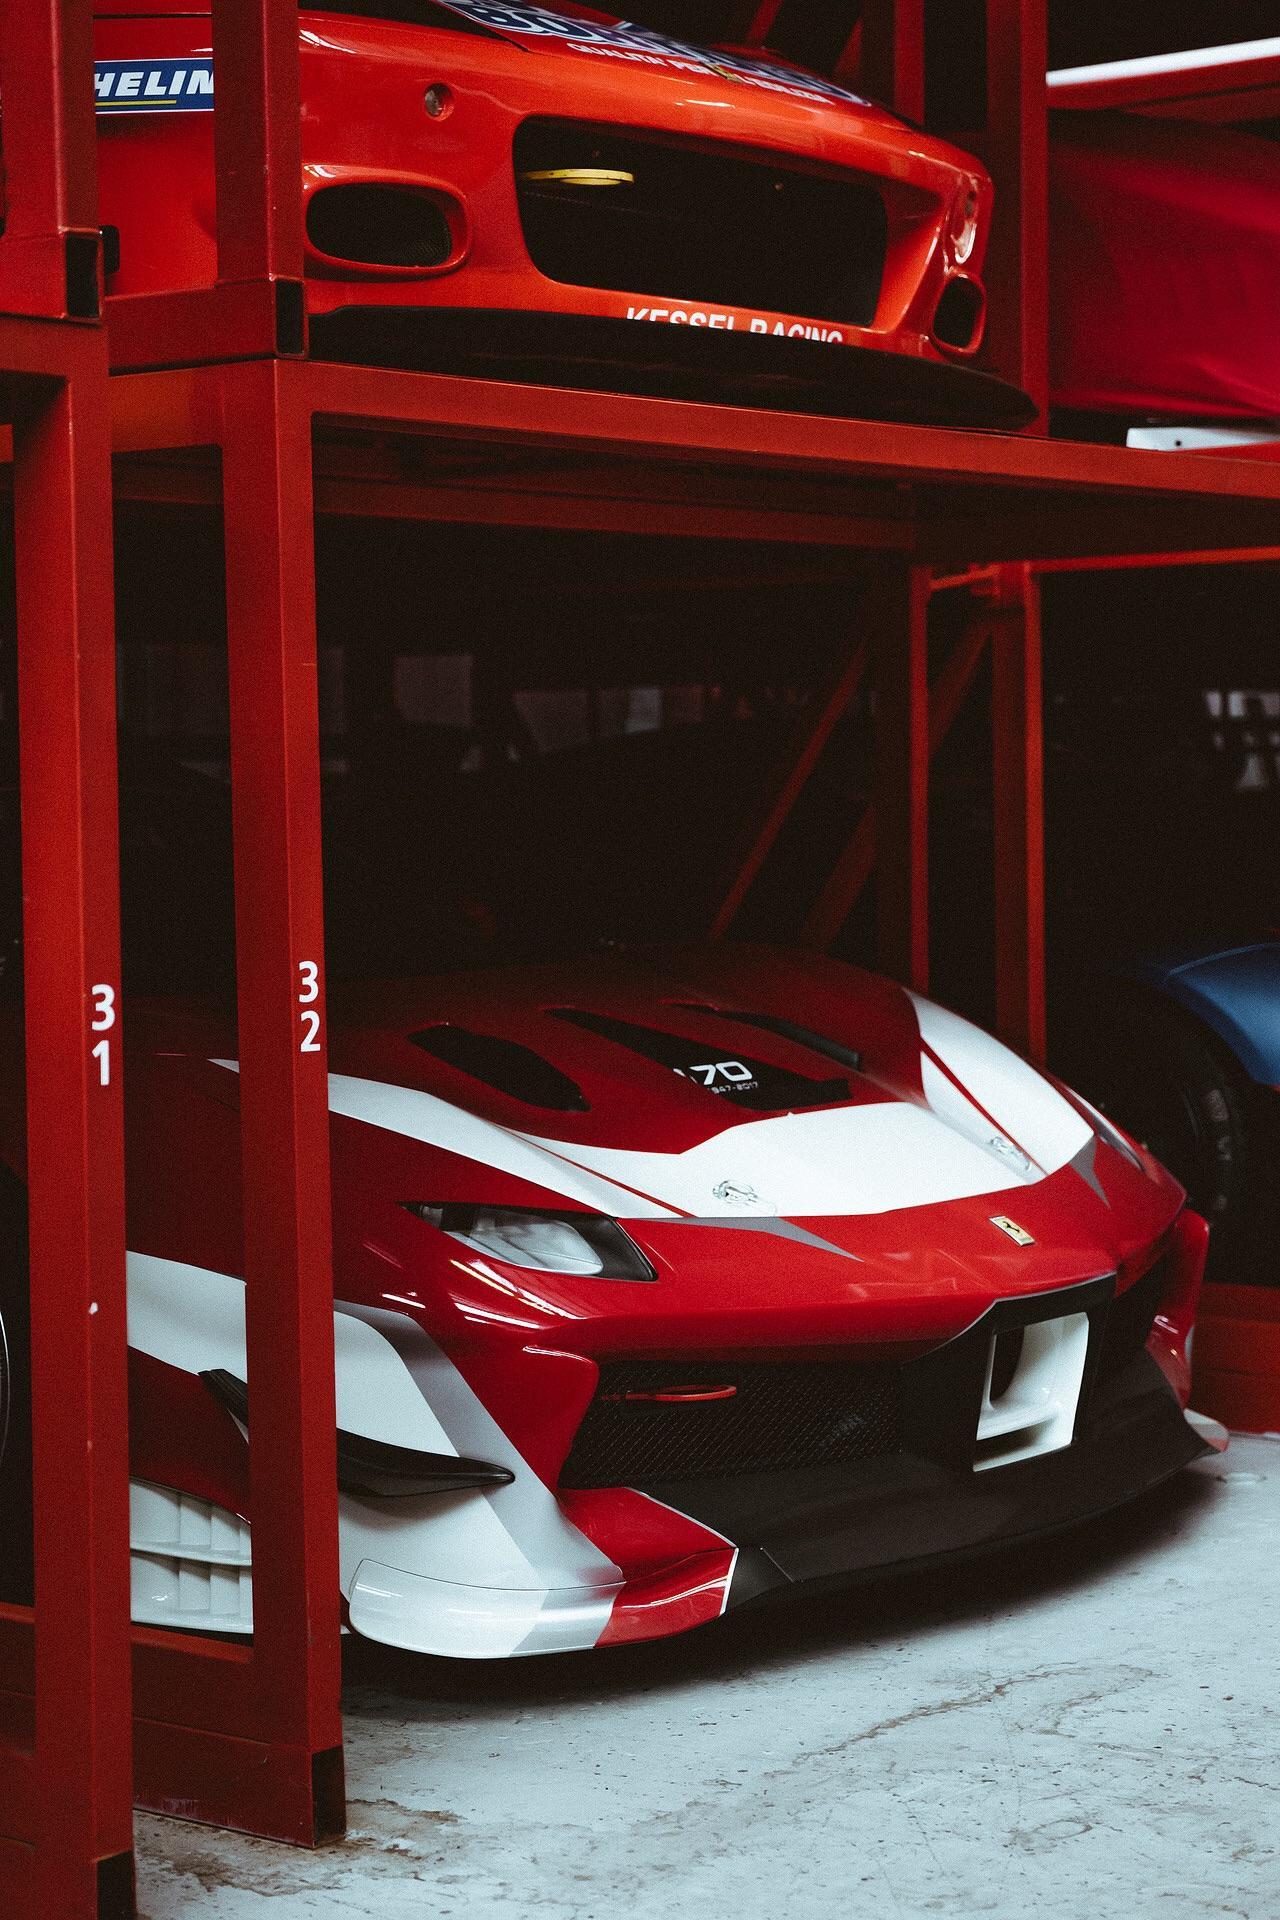 Sembra di stare a Maranello, il concessionario dall'anima racing è un parco giochi per gli appassionati di motori. Foto di Davide DeMartis